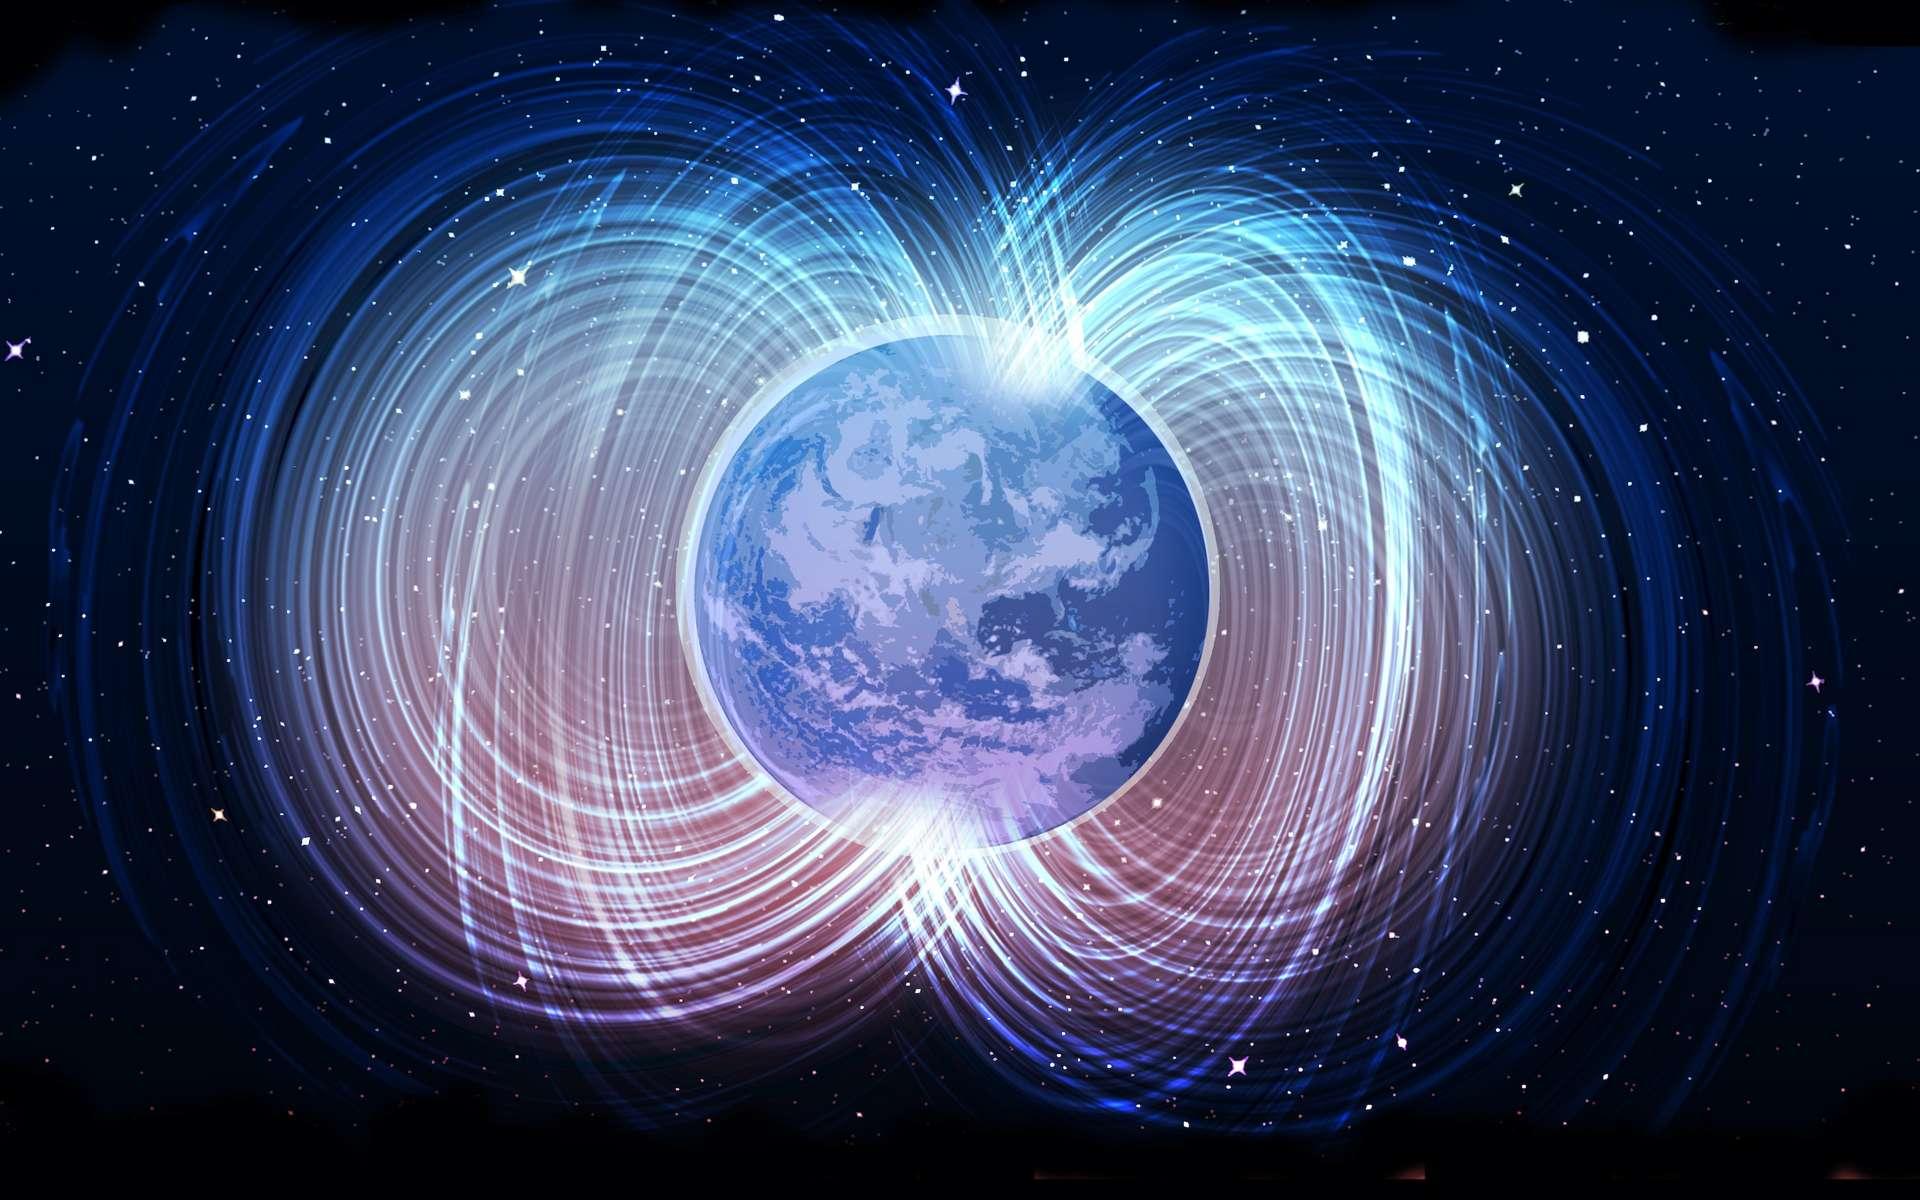 Avant de s'inverser, le champ magnétique de la Terre baisse en intensité à grande vitesse à l'échelle géologique. Or, ces 3.000 dernières années, il a perdu quelque 30 % de sa force. Pourtant les chercheurs affirment aujourd'hui que le phénomène n'annonce pas une prochaine inversion. © helenos, Adobe Stock